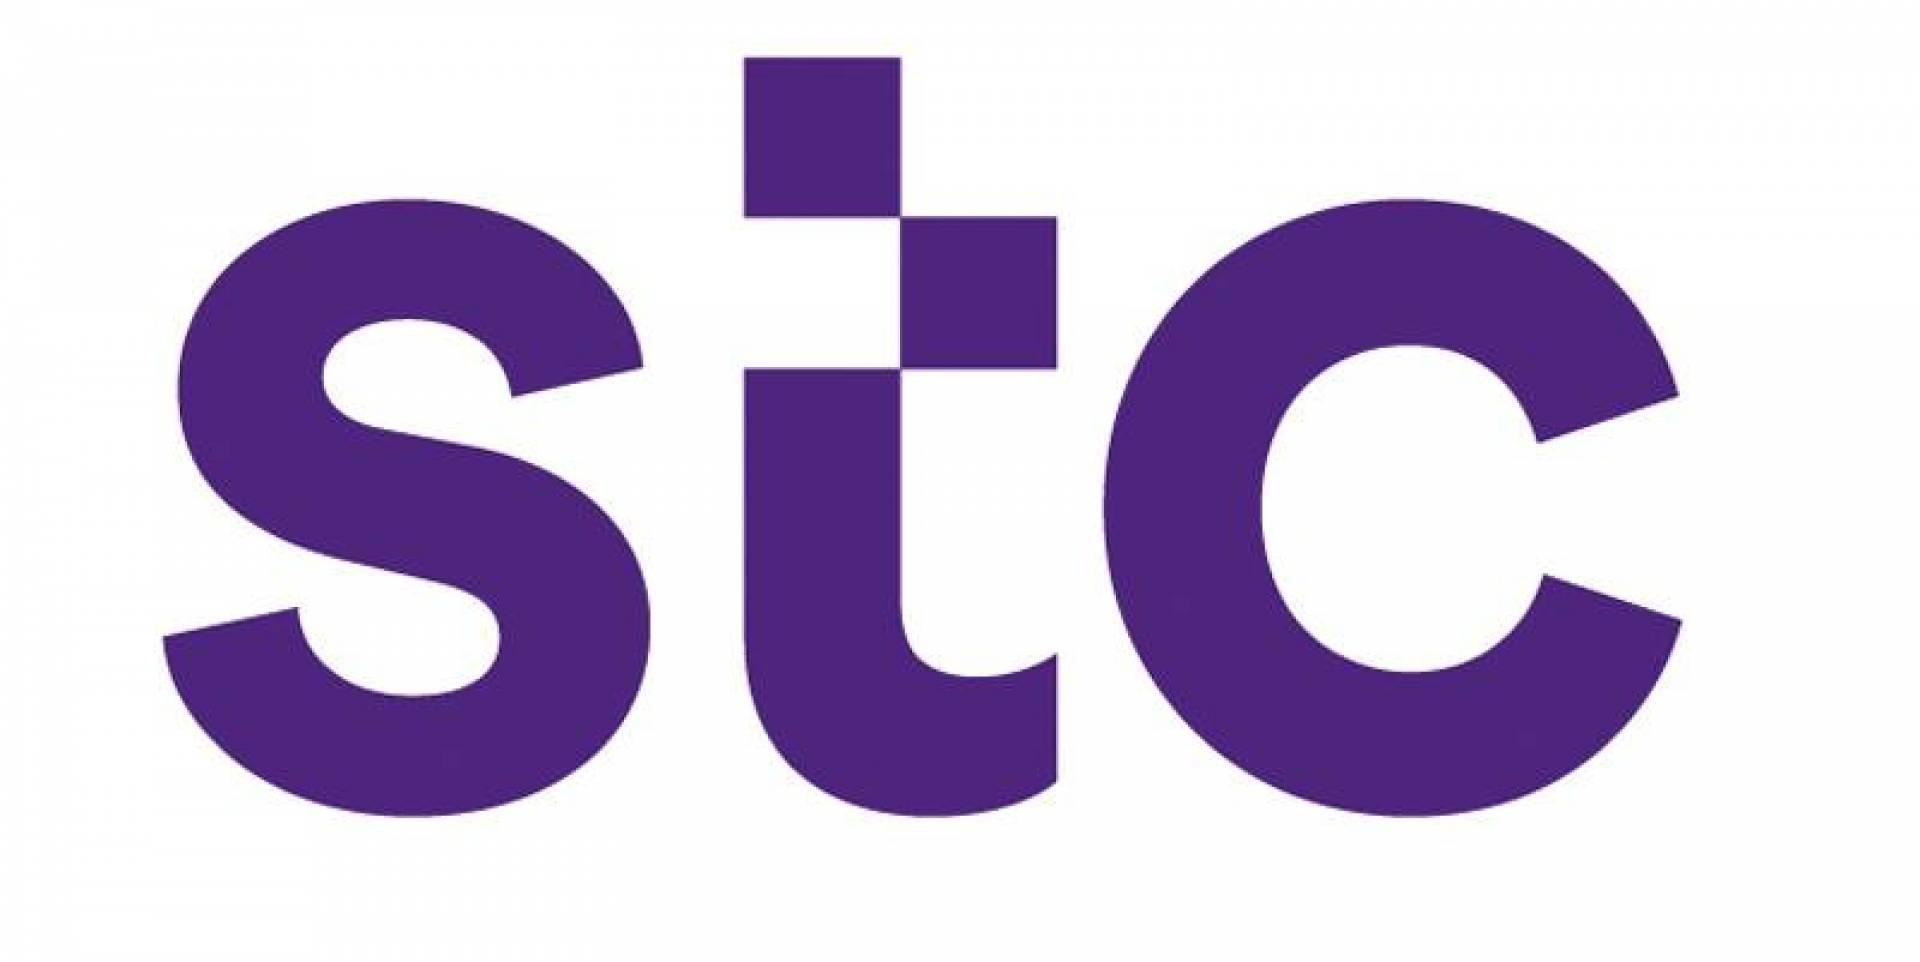 stc تشارك في قمة سامينا لقادة قطاع الاتصالات